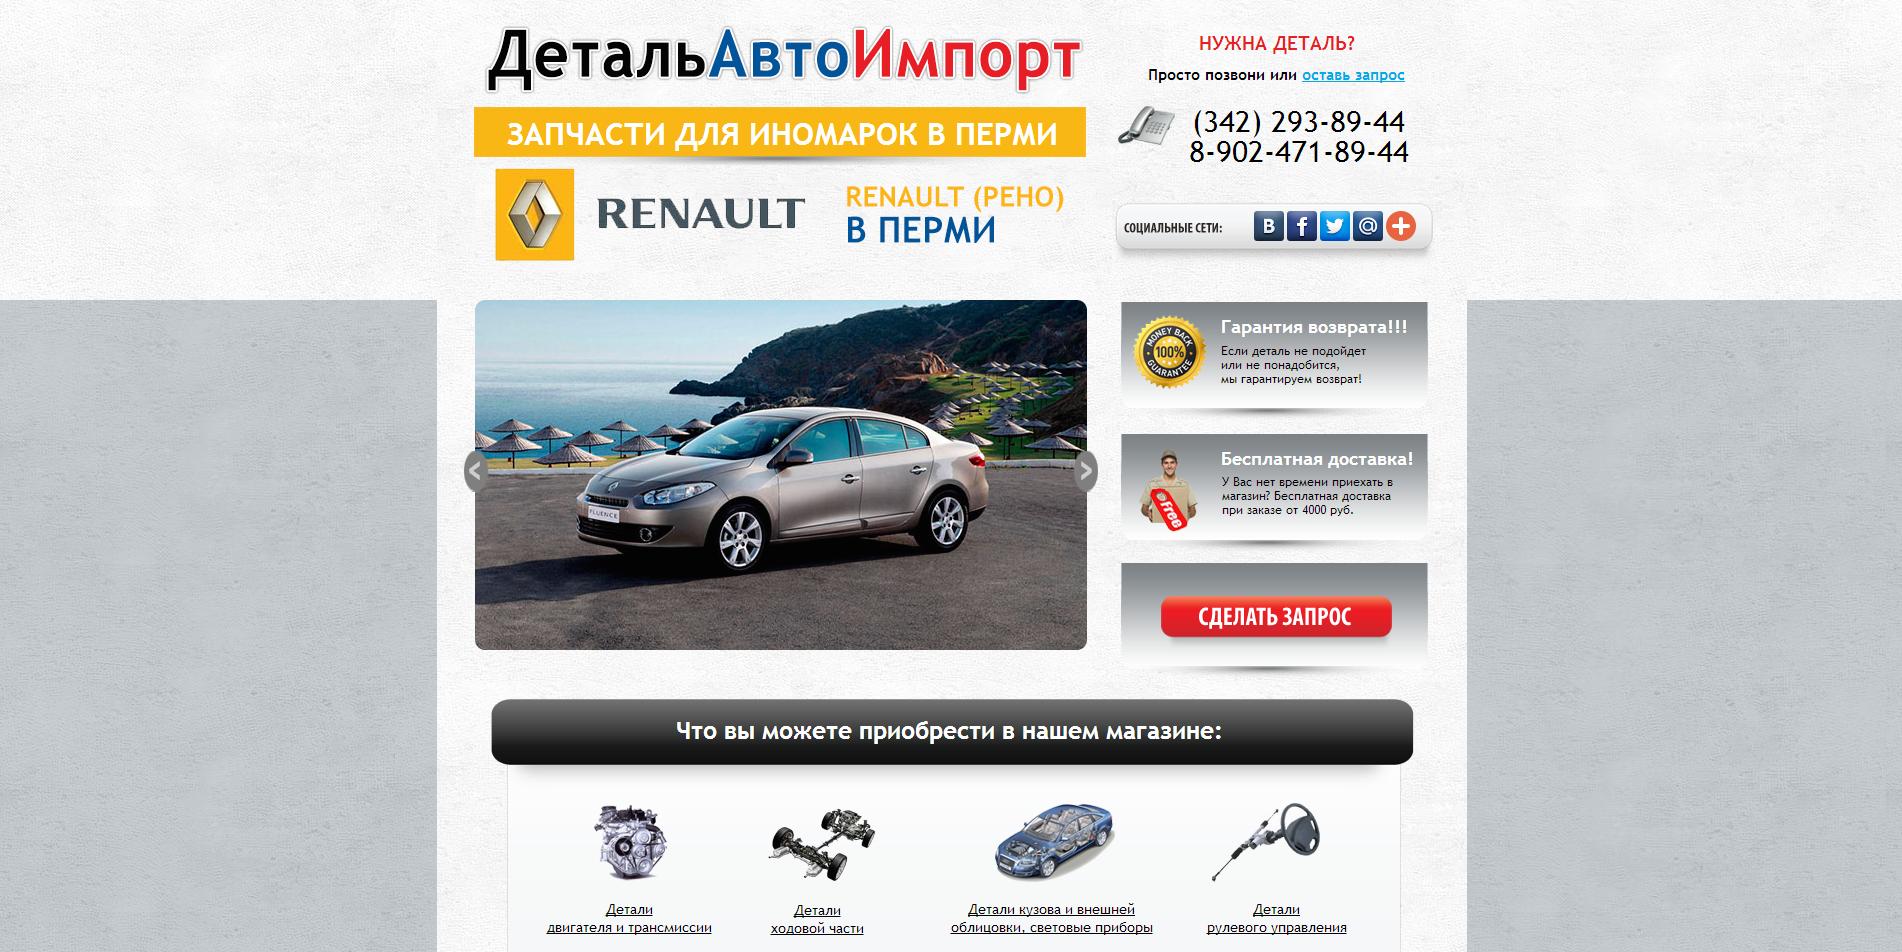 ДетальАвтоИмпорт Renault (страница захвата)